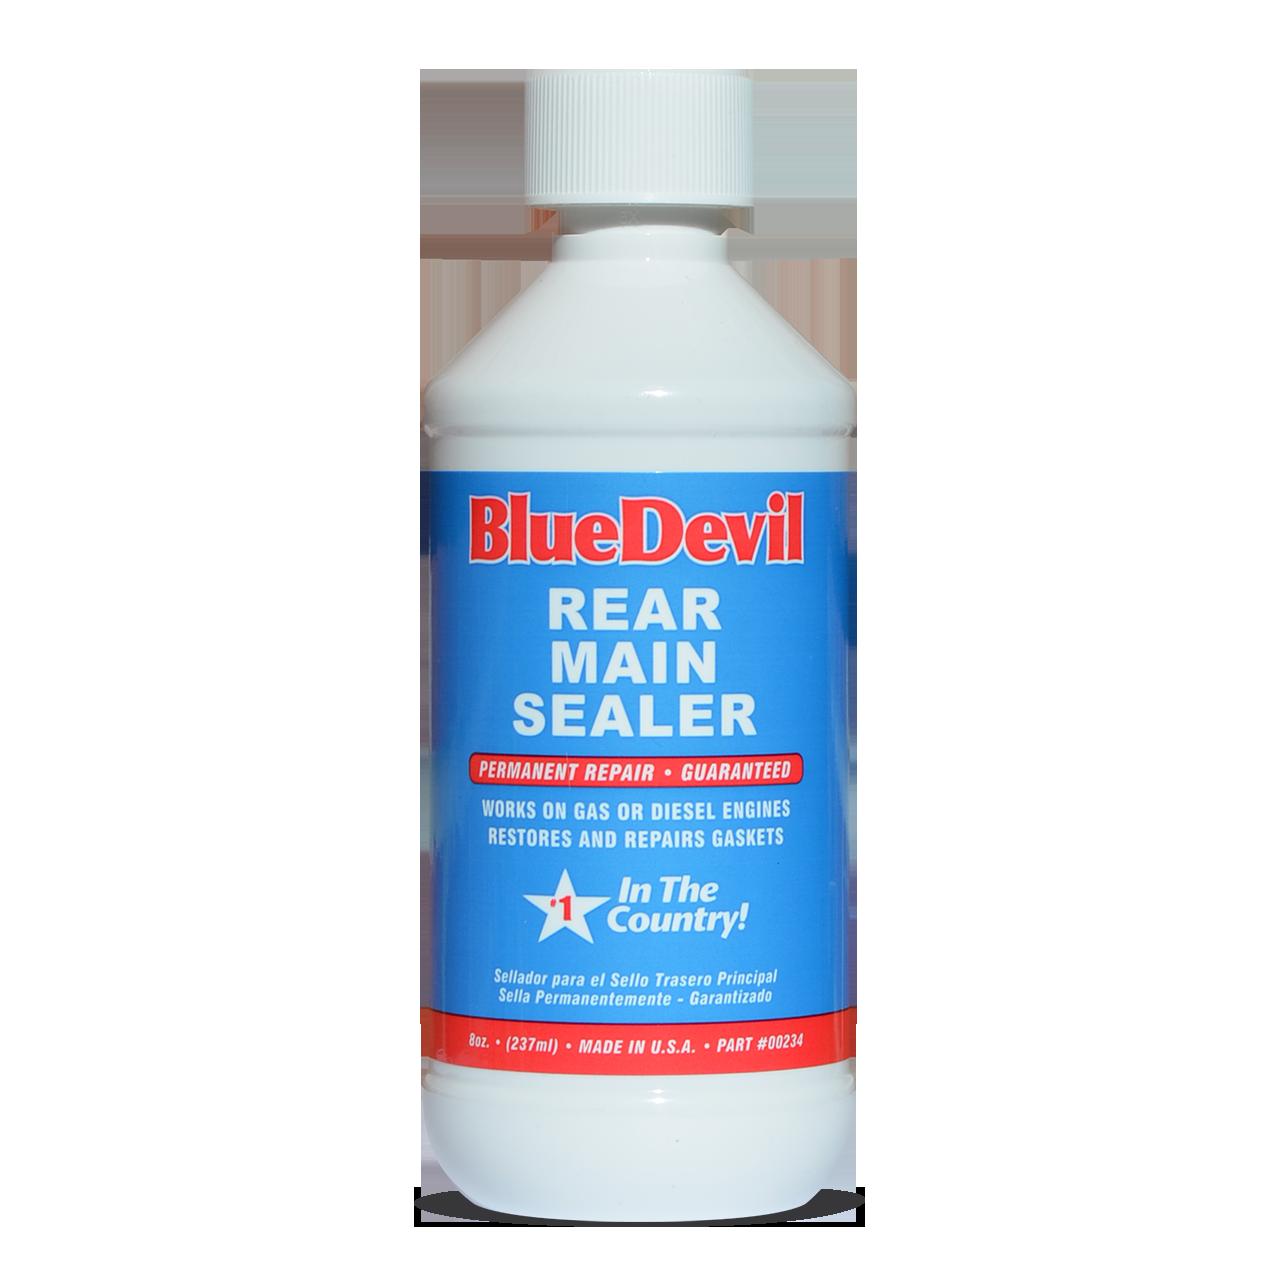 Sealer, Leak Repair, Seal Leaks